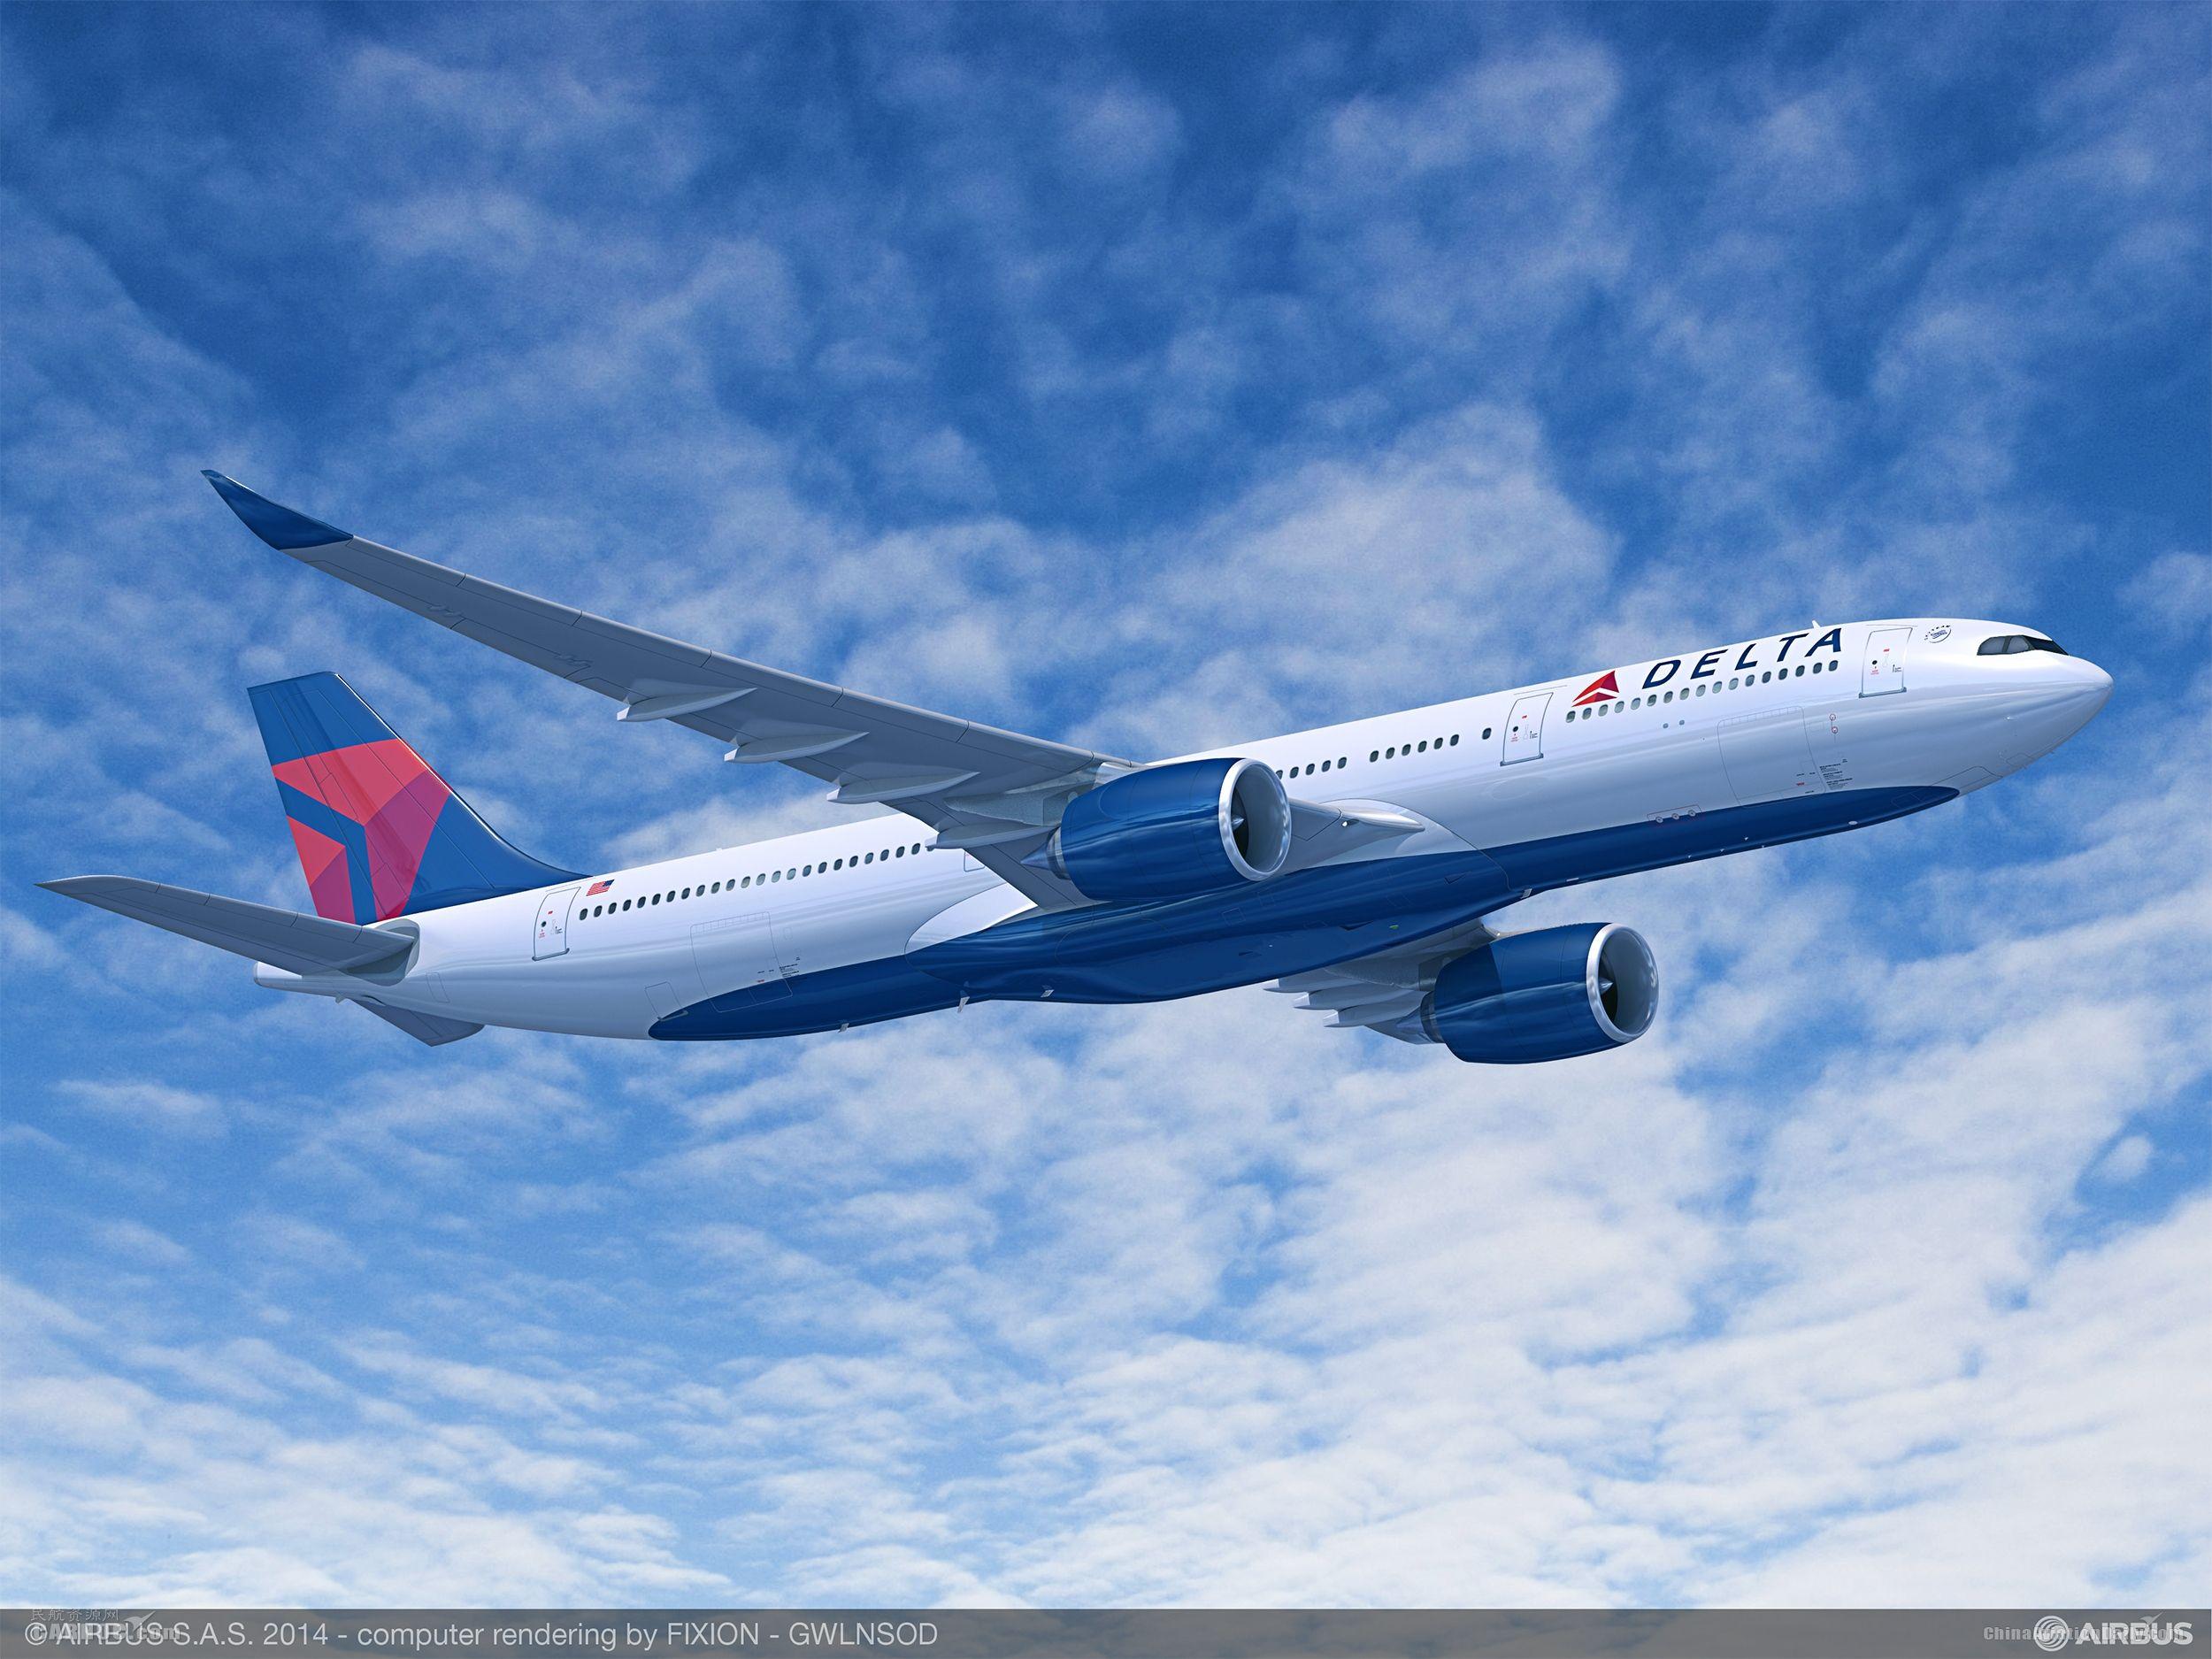 達美航空新一代A330-900neo將執飛上海-西雅圖航線